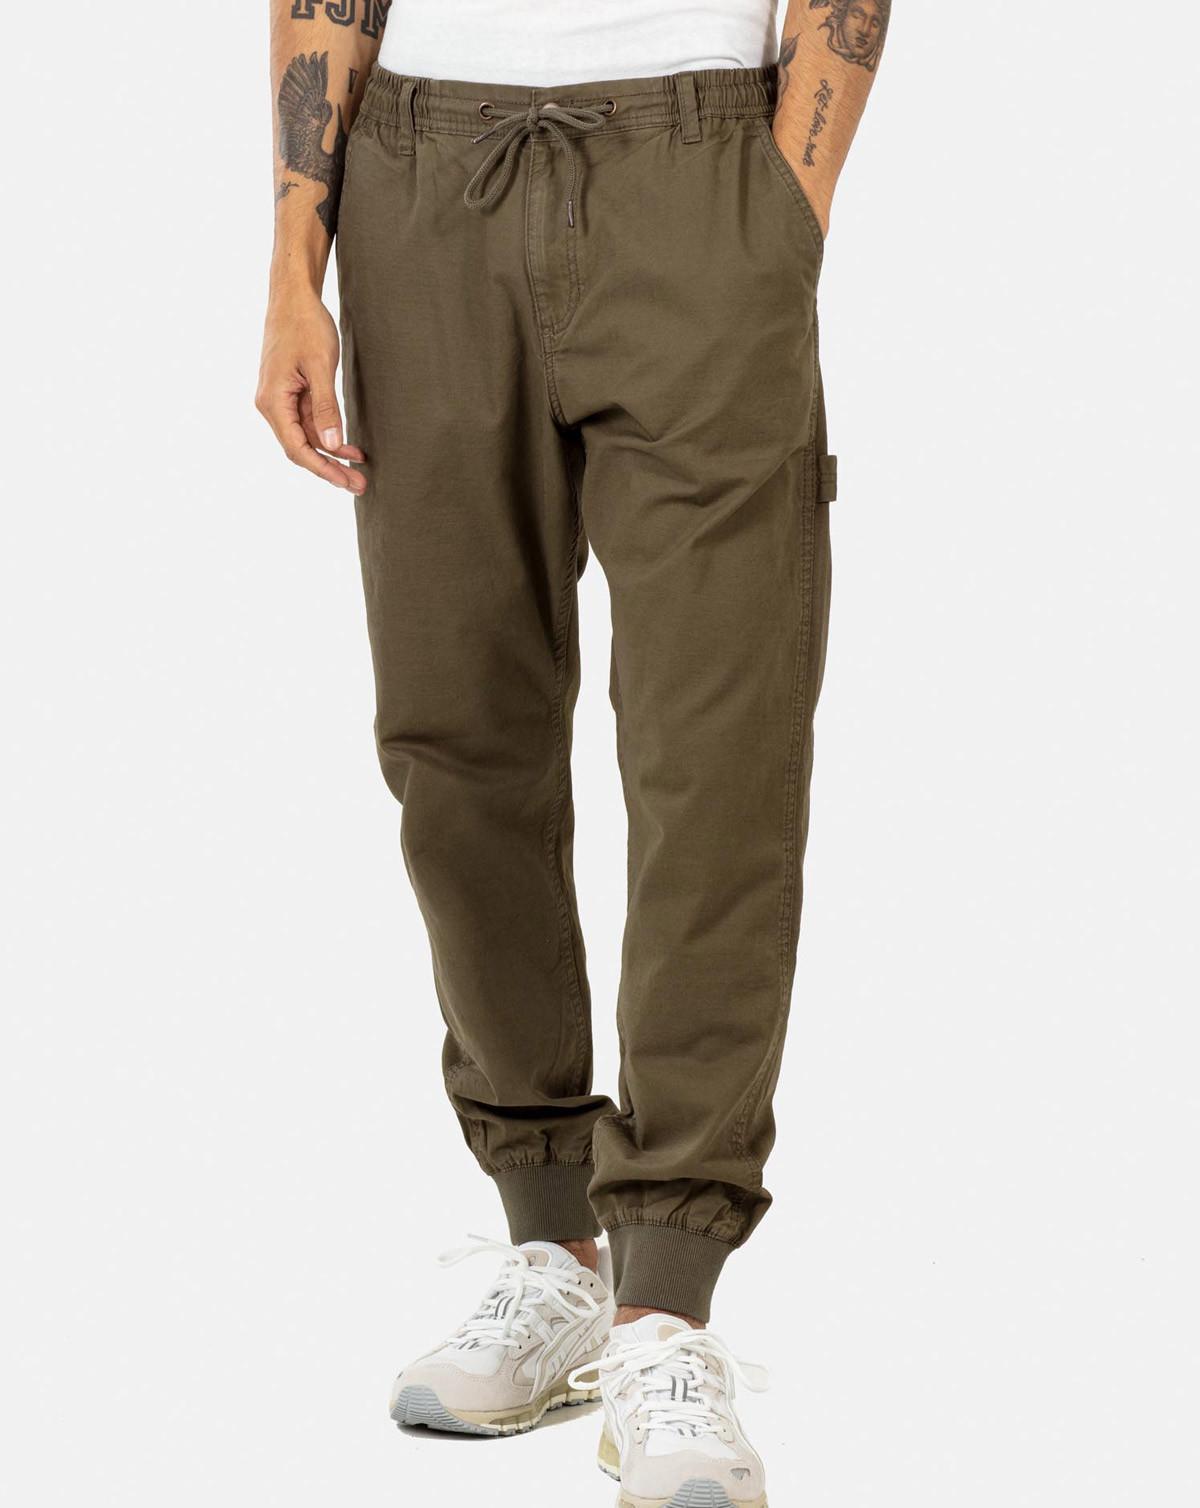 Reell Jeans Reflex Rib Worker LC (Clay Olive, W28 / L32)